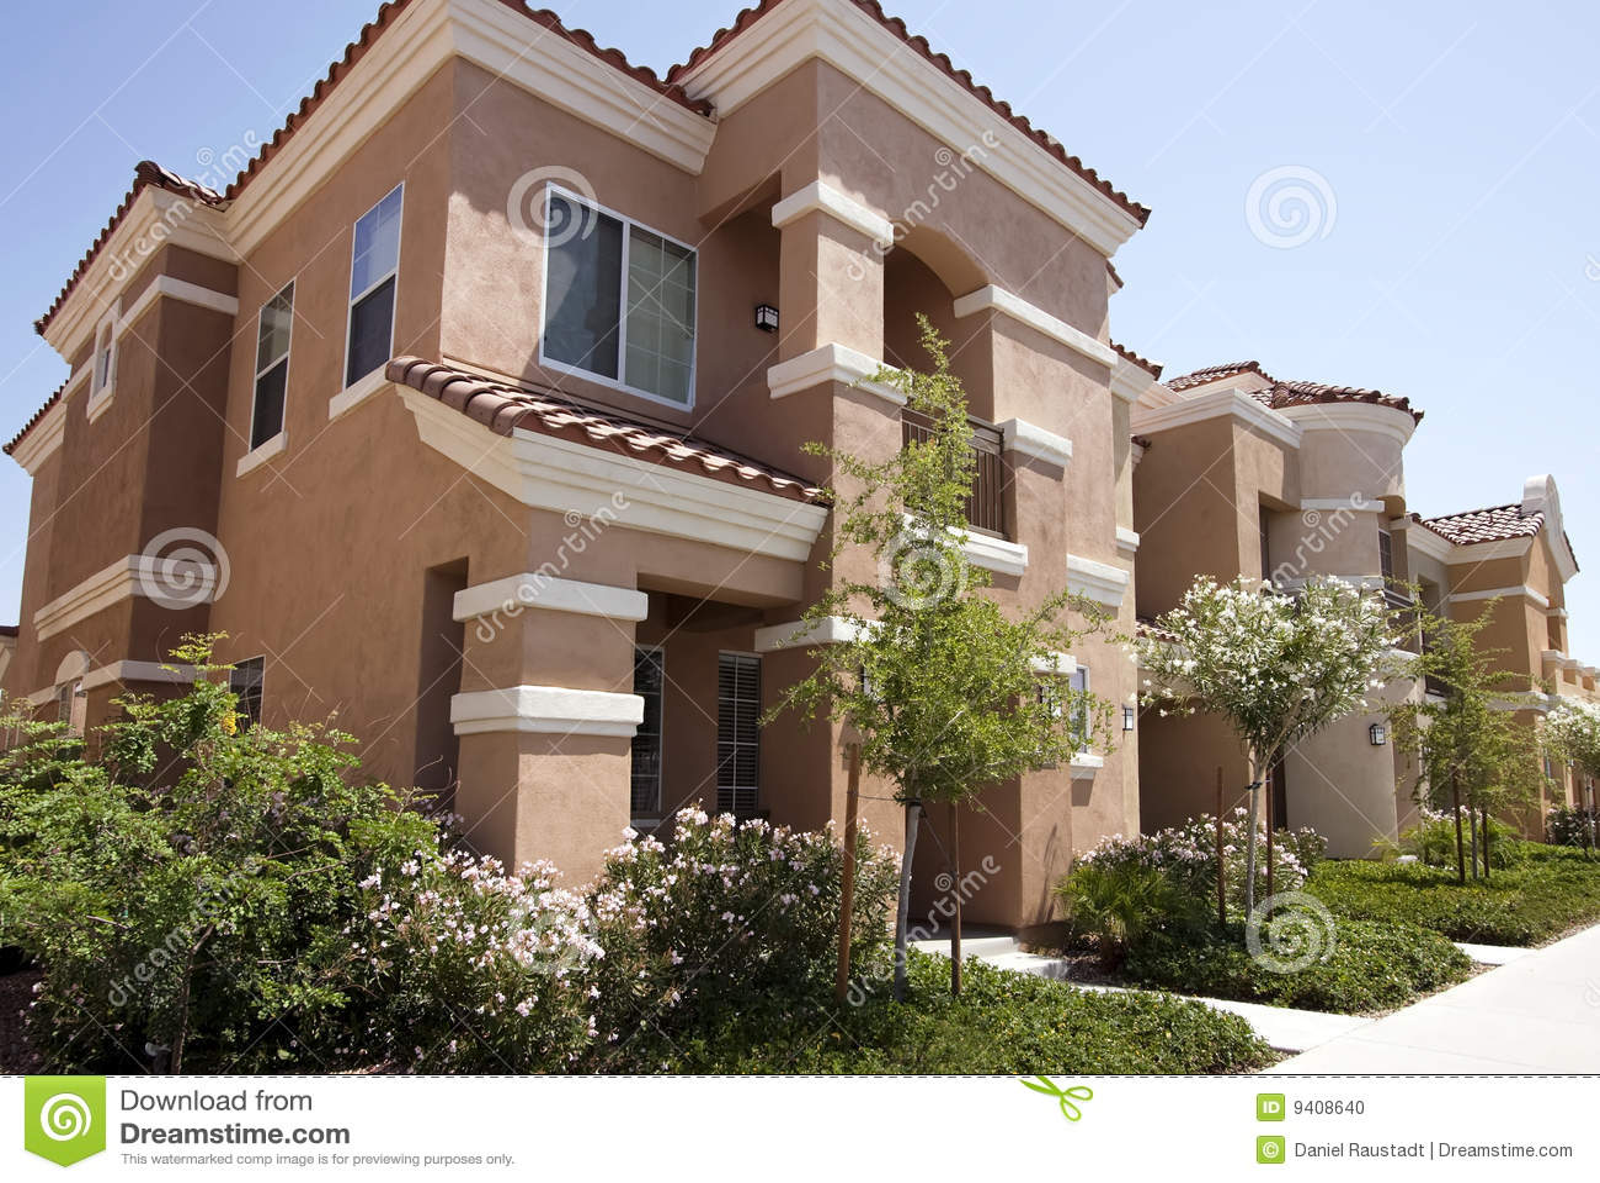 Nuove case moderne nel deserto dell 39 arizona fotografia for Case moderne nel sud della california